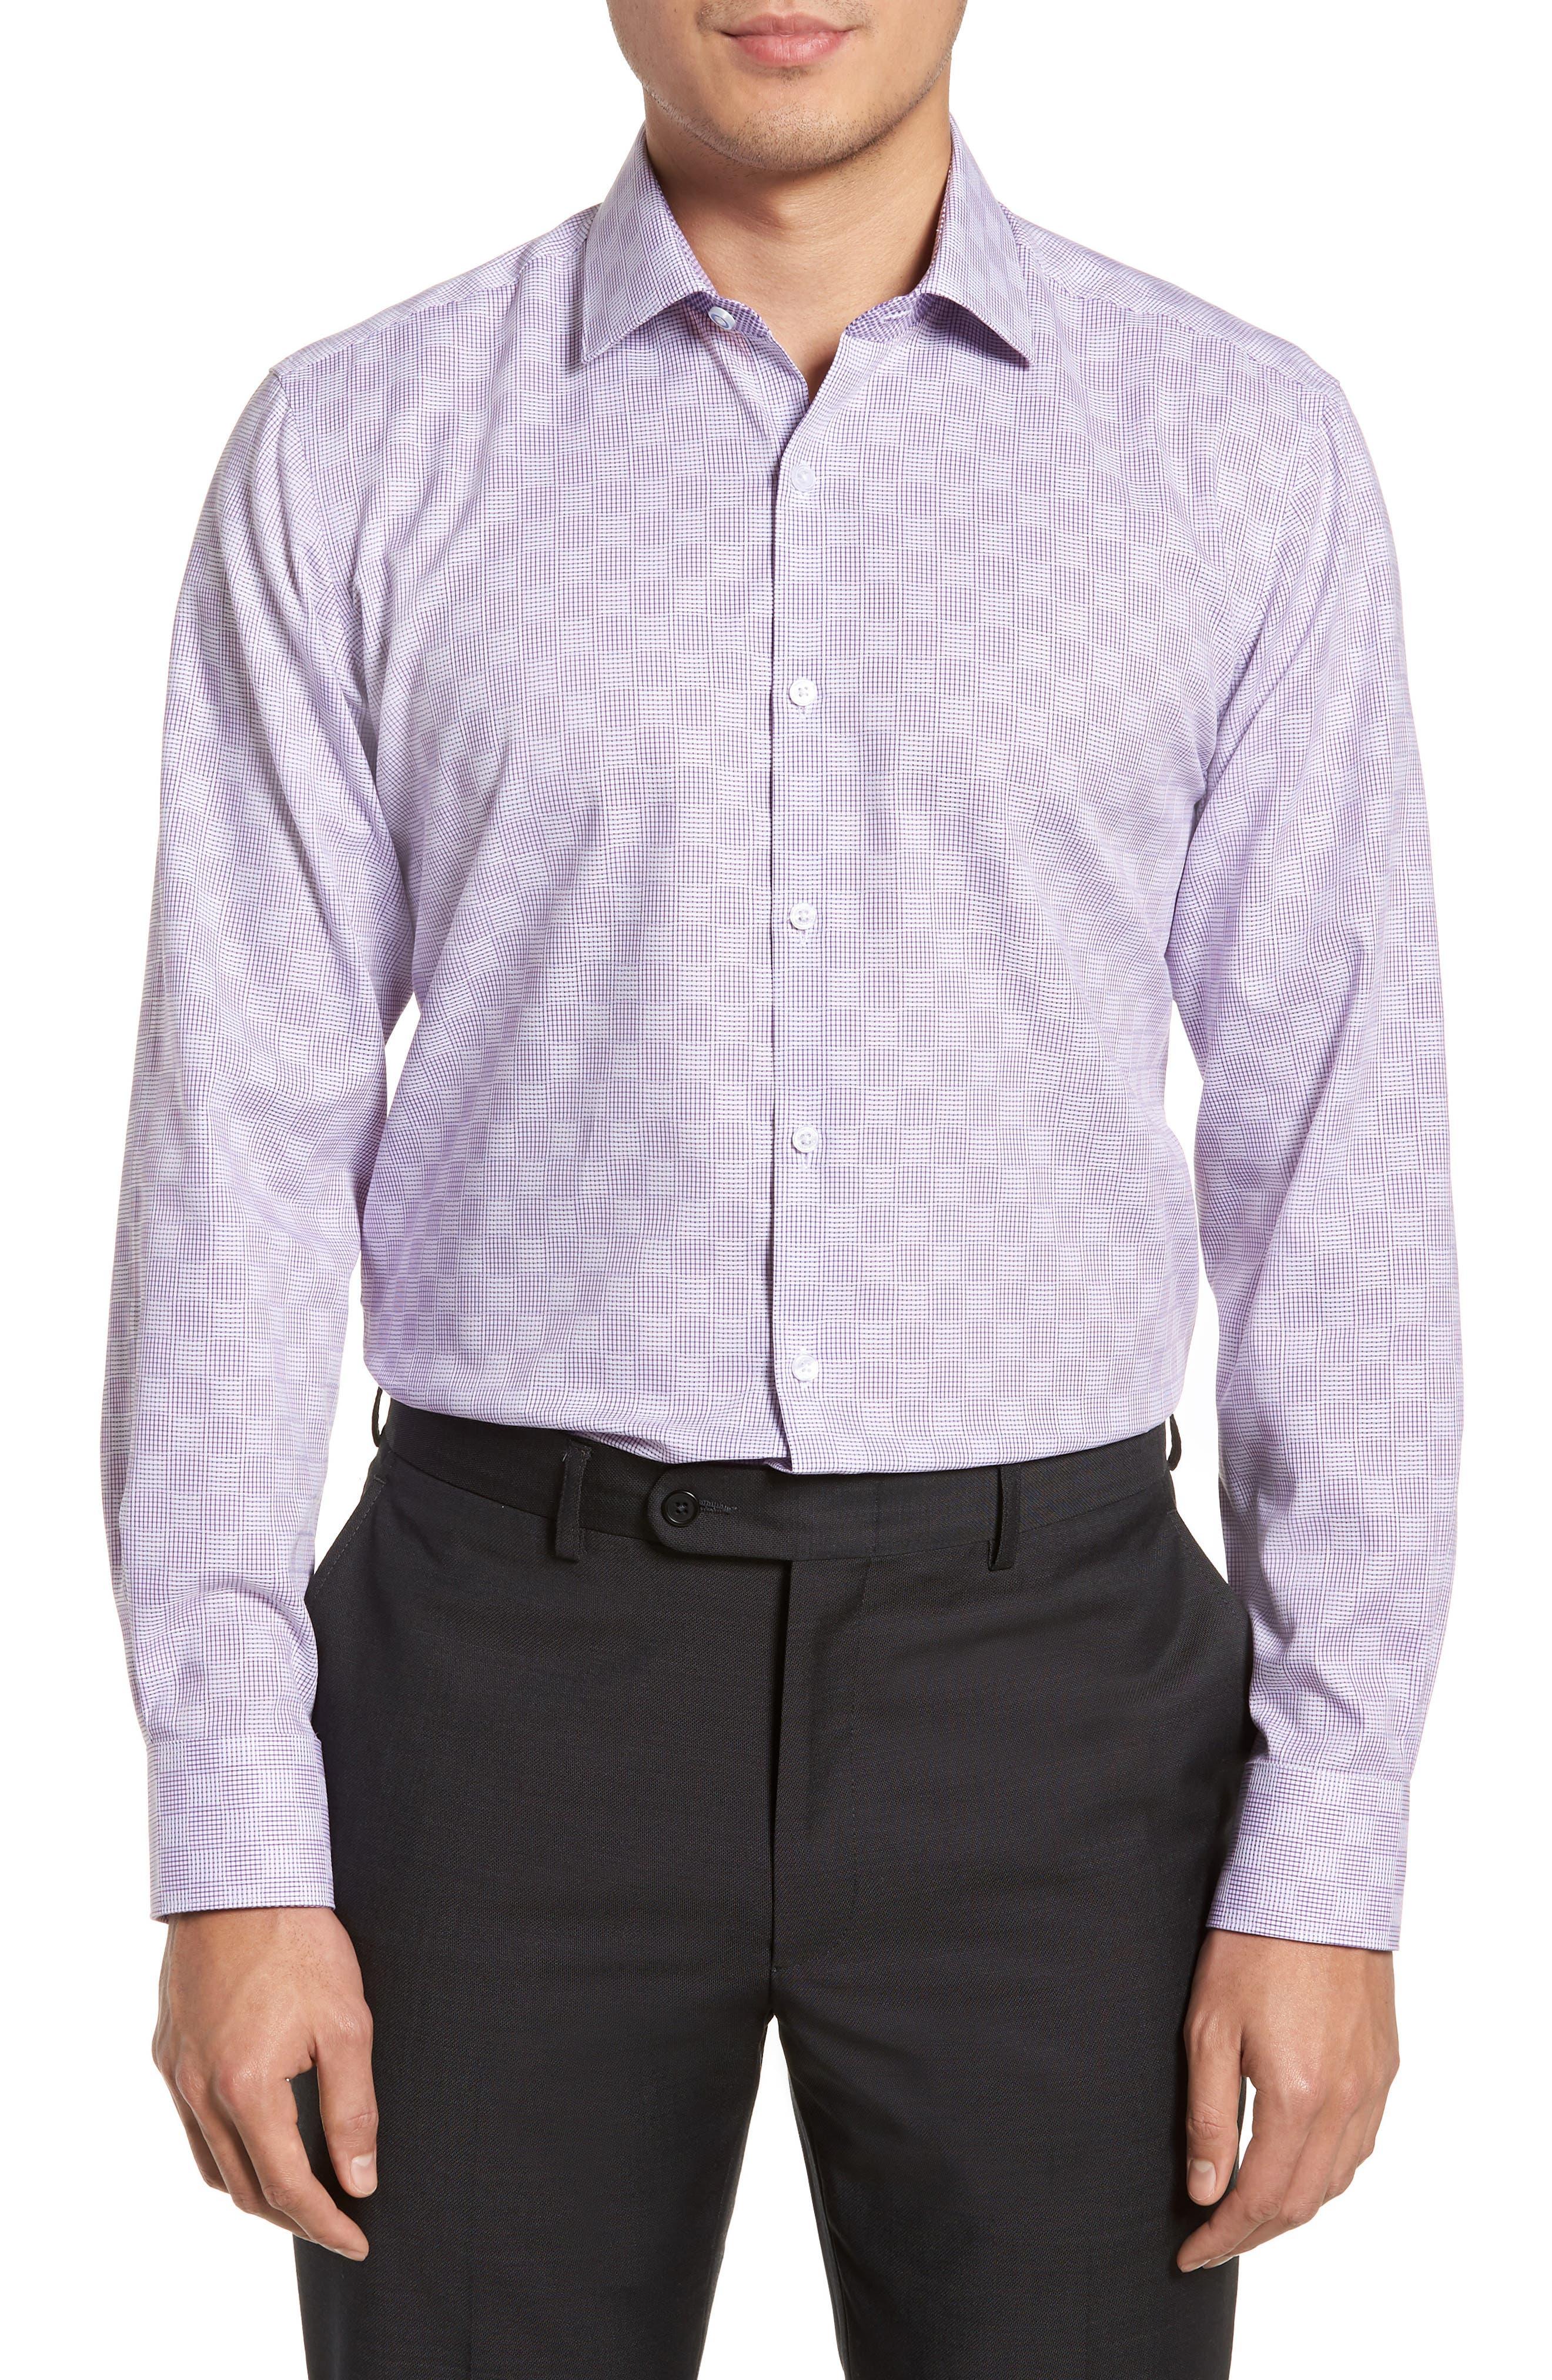 Haper Trim Fit Plaid Dress Shirt,                             Main thumbnail 1, color,                             Purple